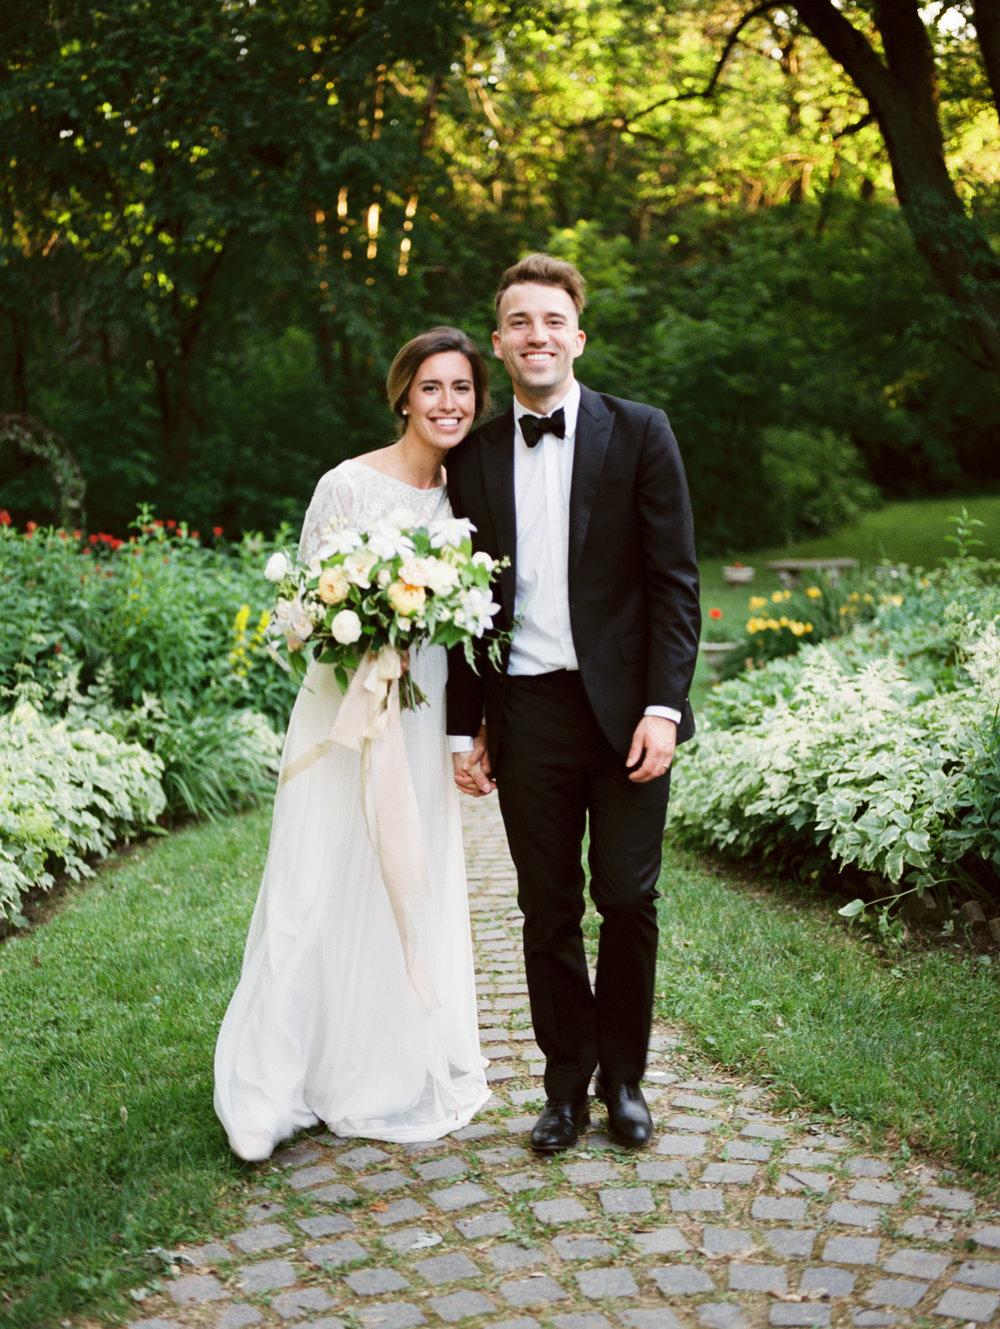 JakeAndersonWorkshop_WeddingOne-79.jpg